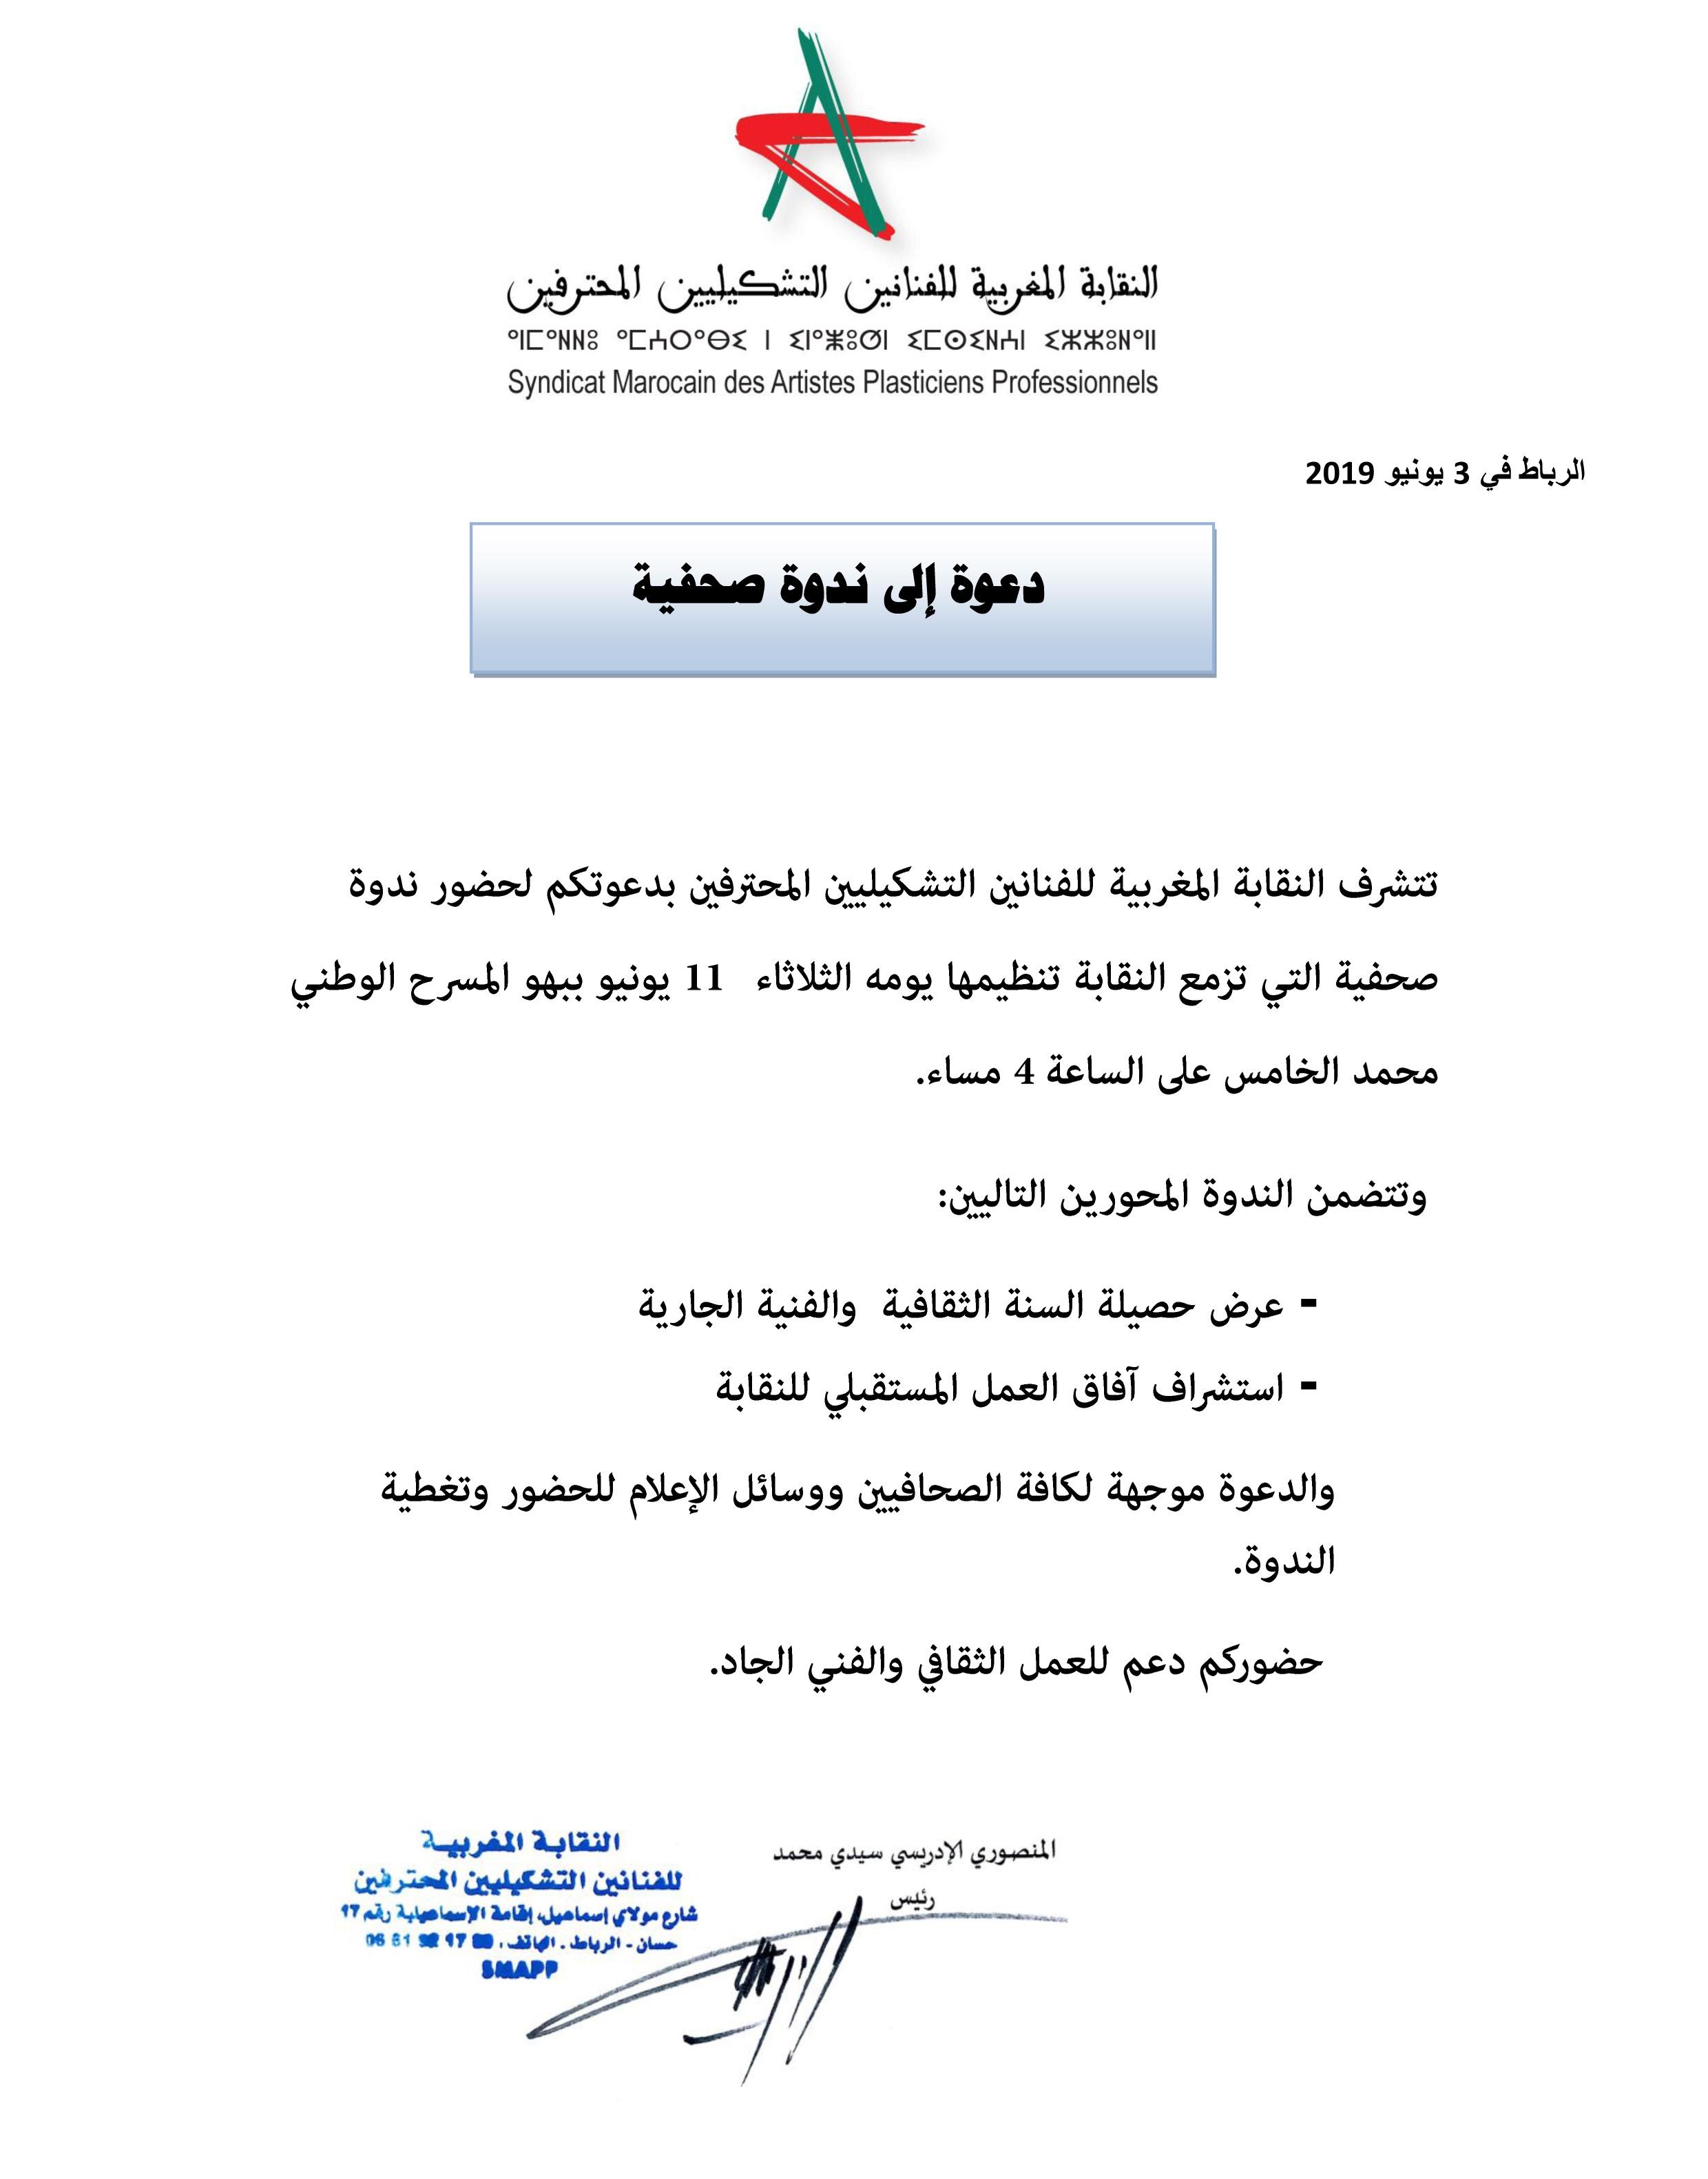 دعوة لحضور ندوة صحفية